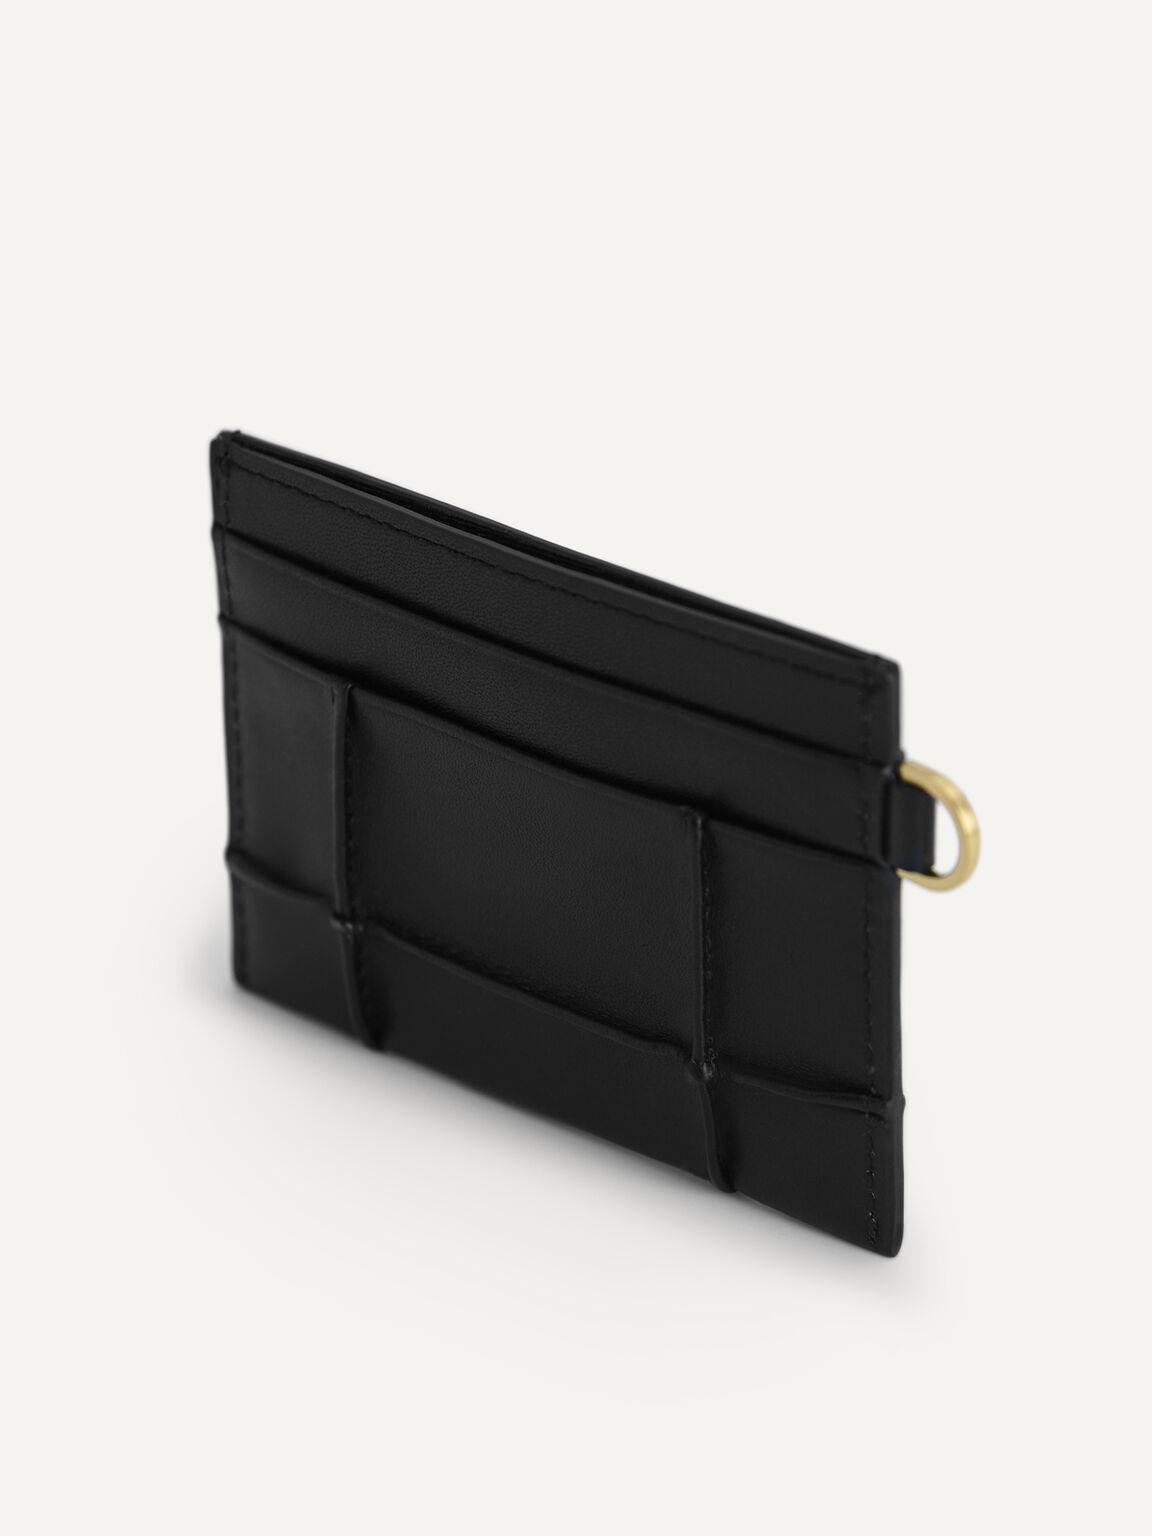 Leather Card Holder, Black, hi-res